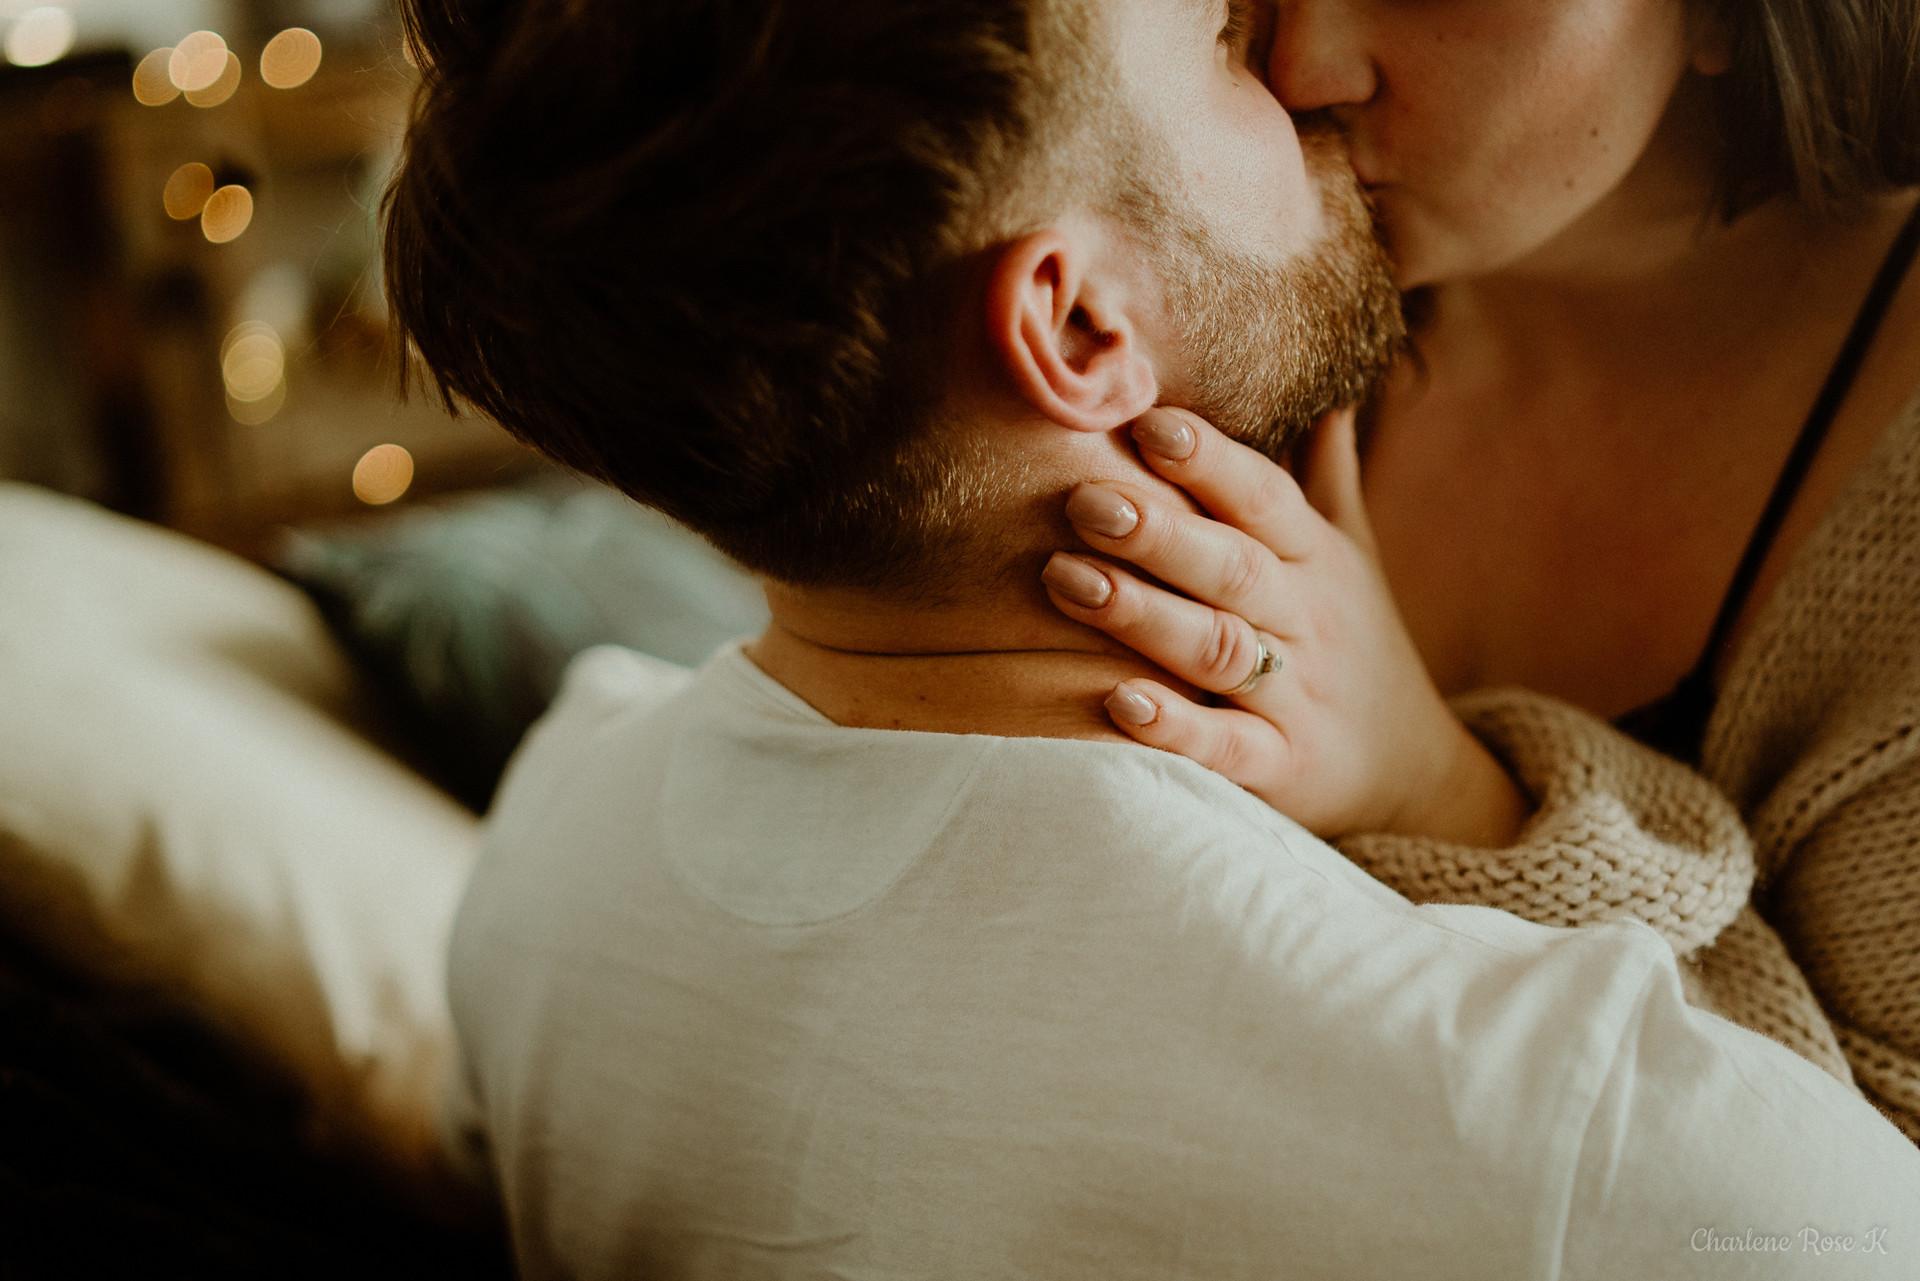 photographe,troyes,aube,couple,lifestyle,domicile,intimiste,sensuel,canapé,passion,charlene,rose,k